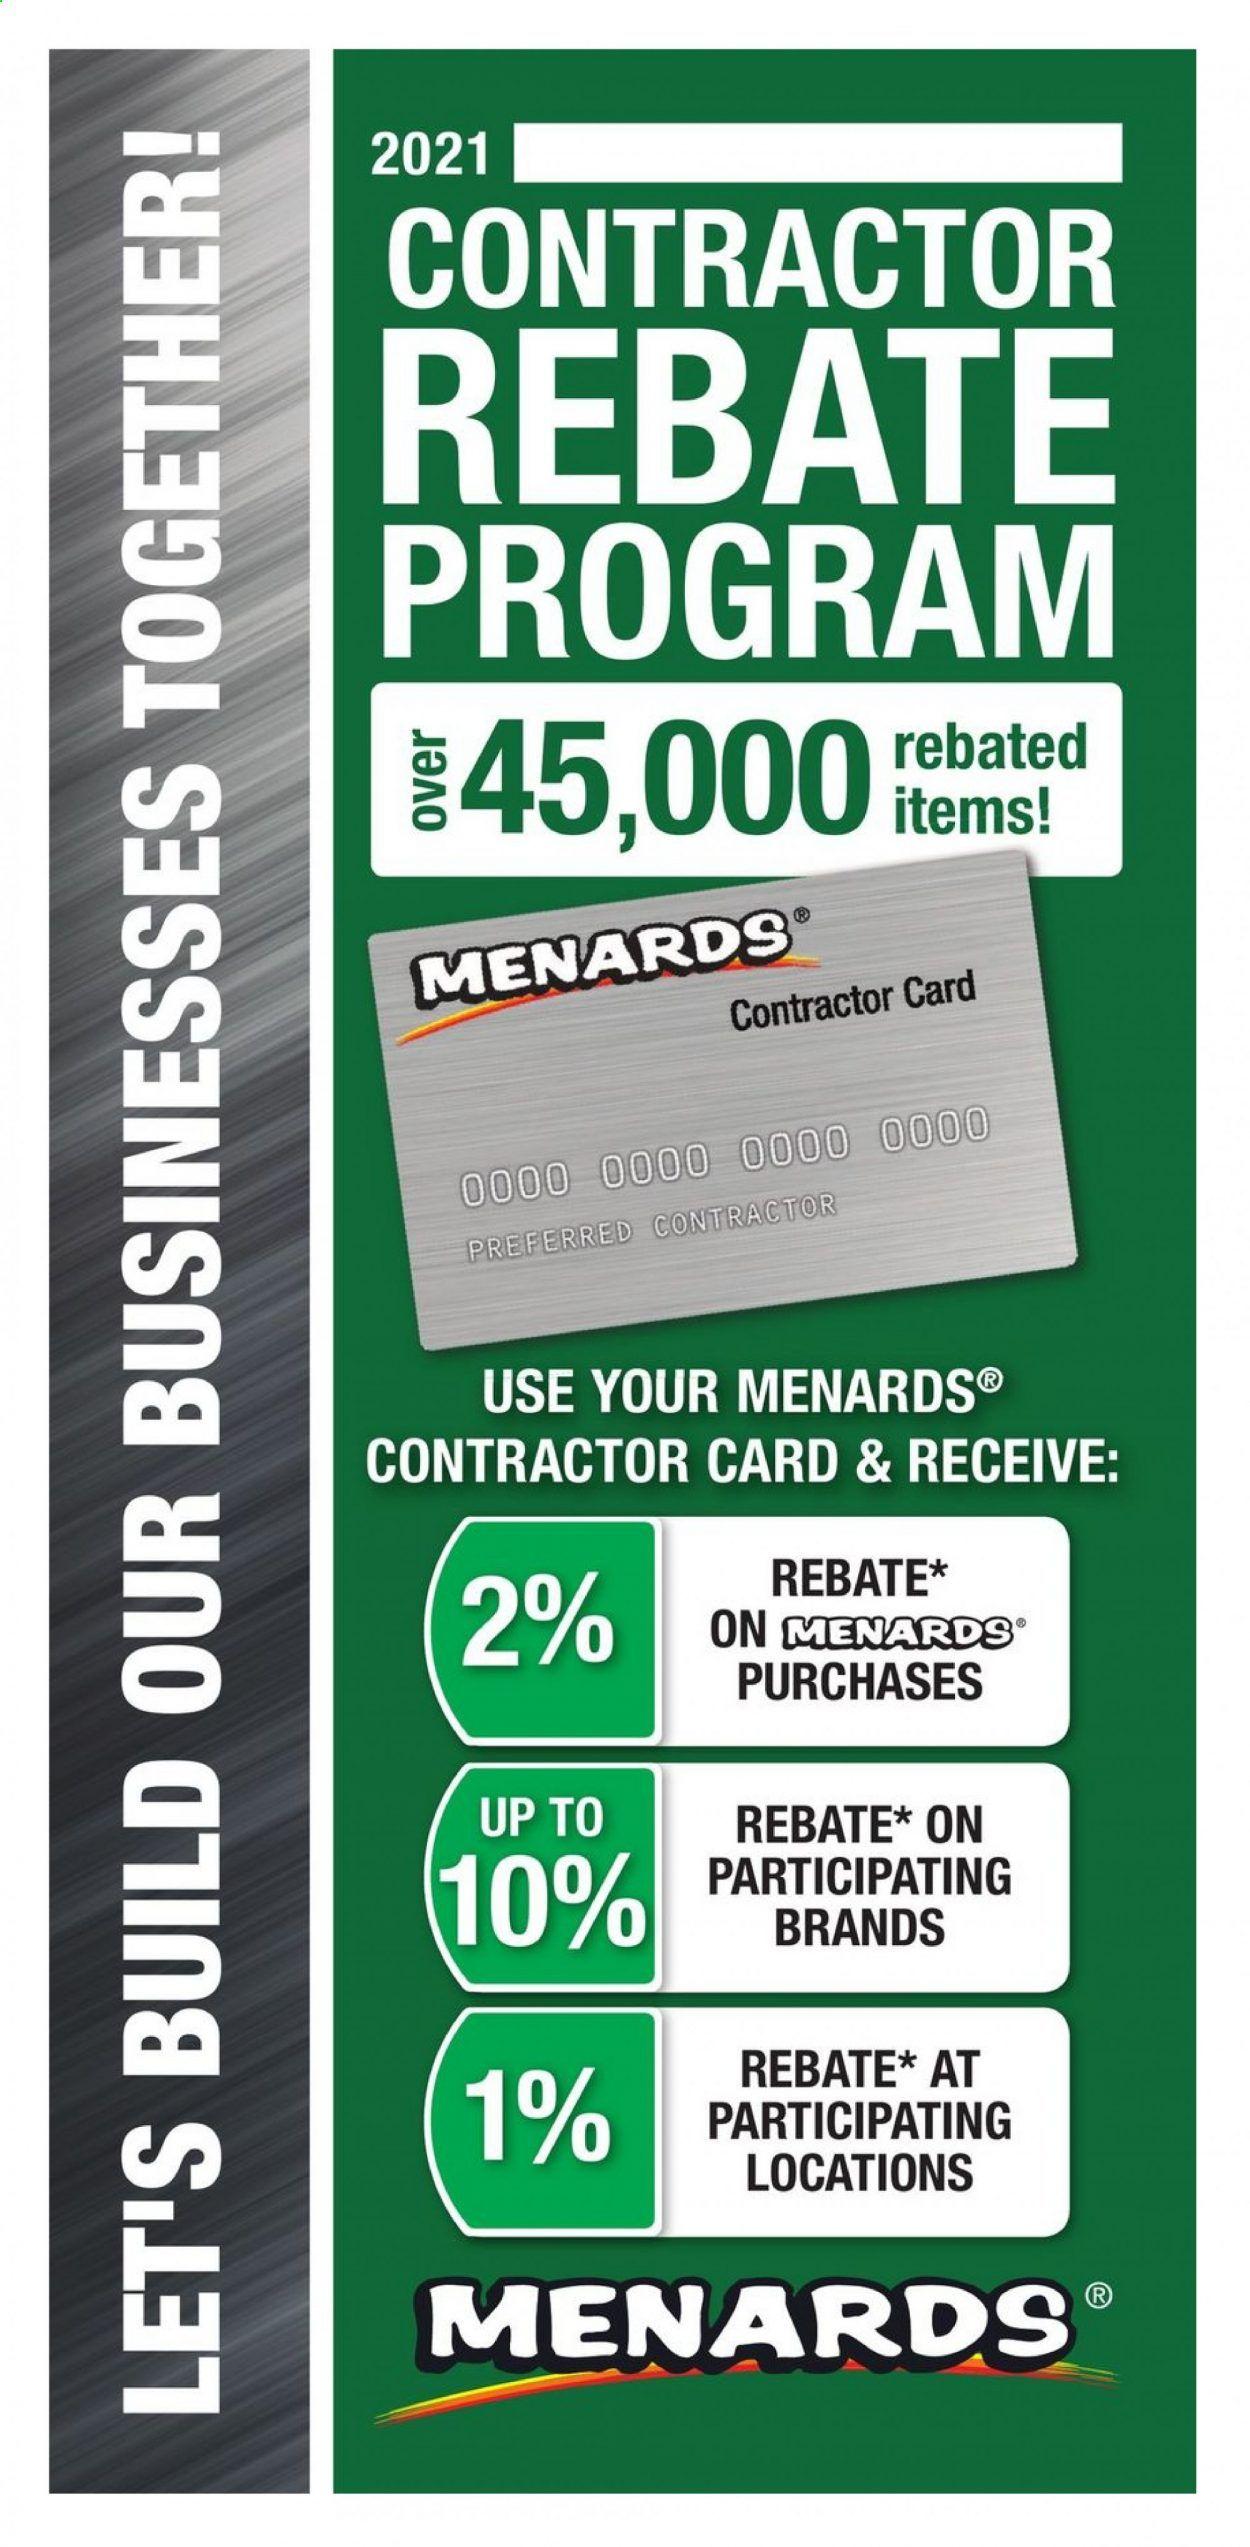 Menards Contractor Rebate Program 2021 - Page 1